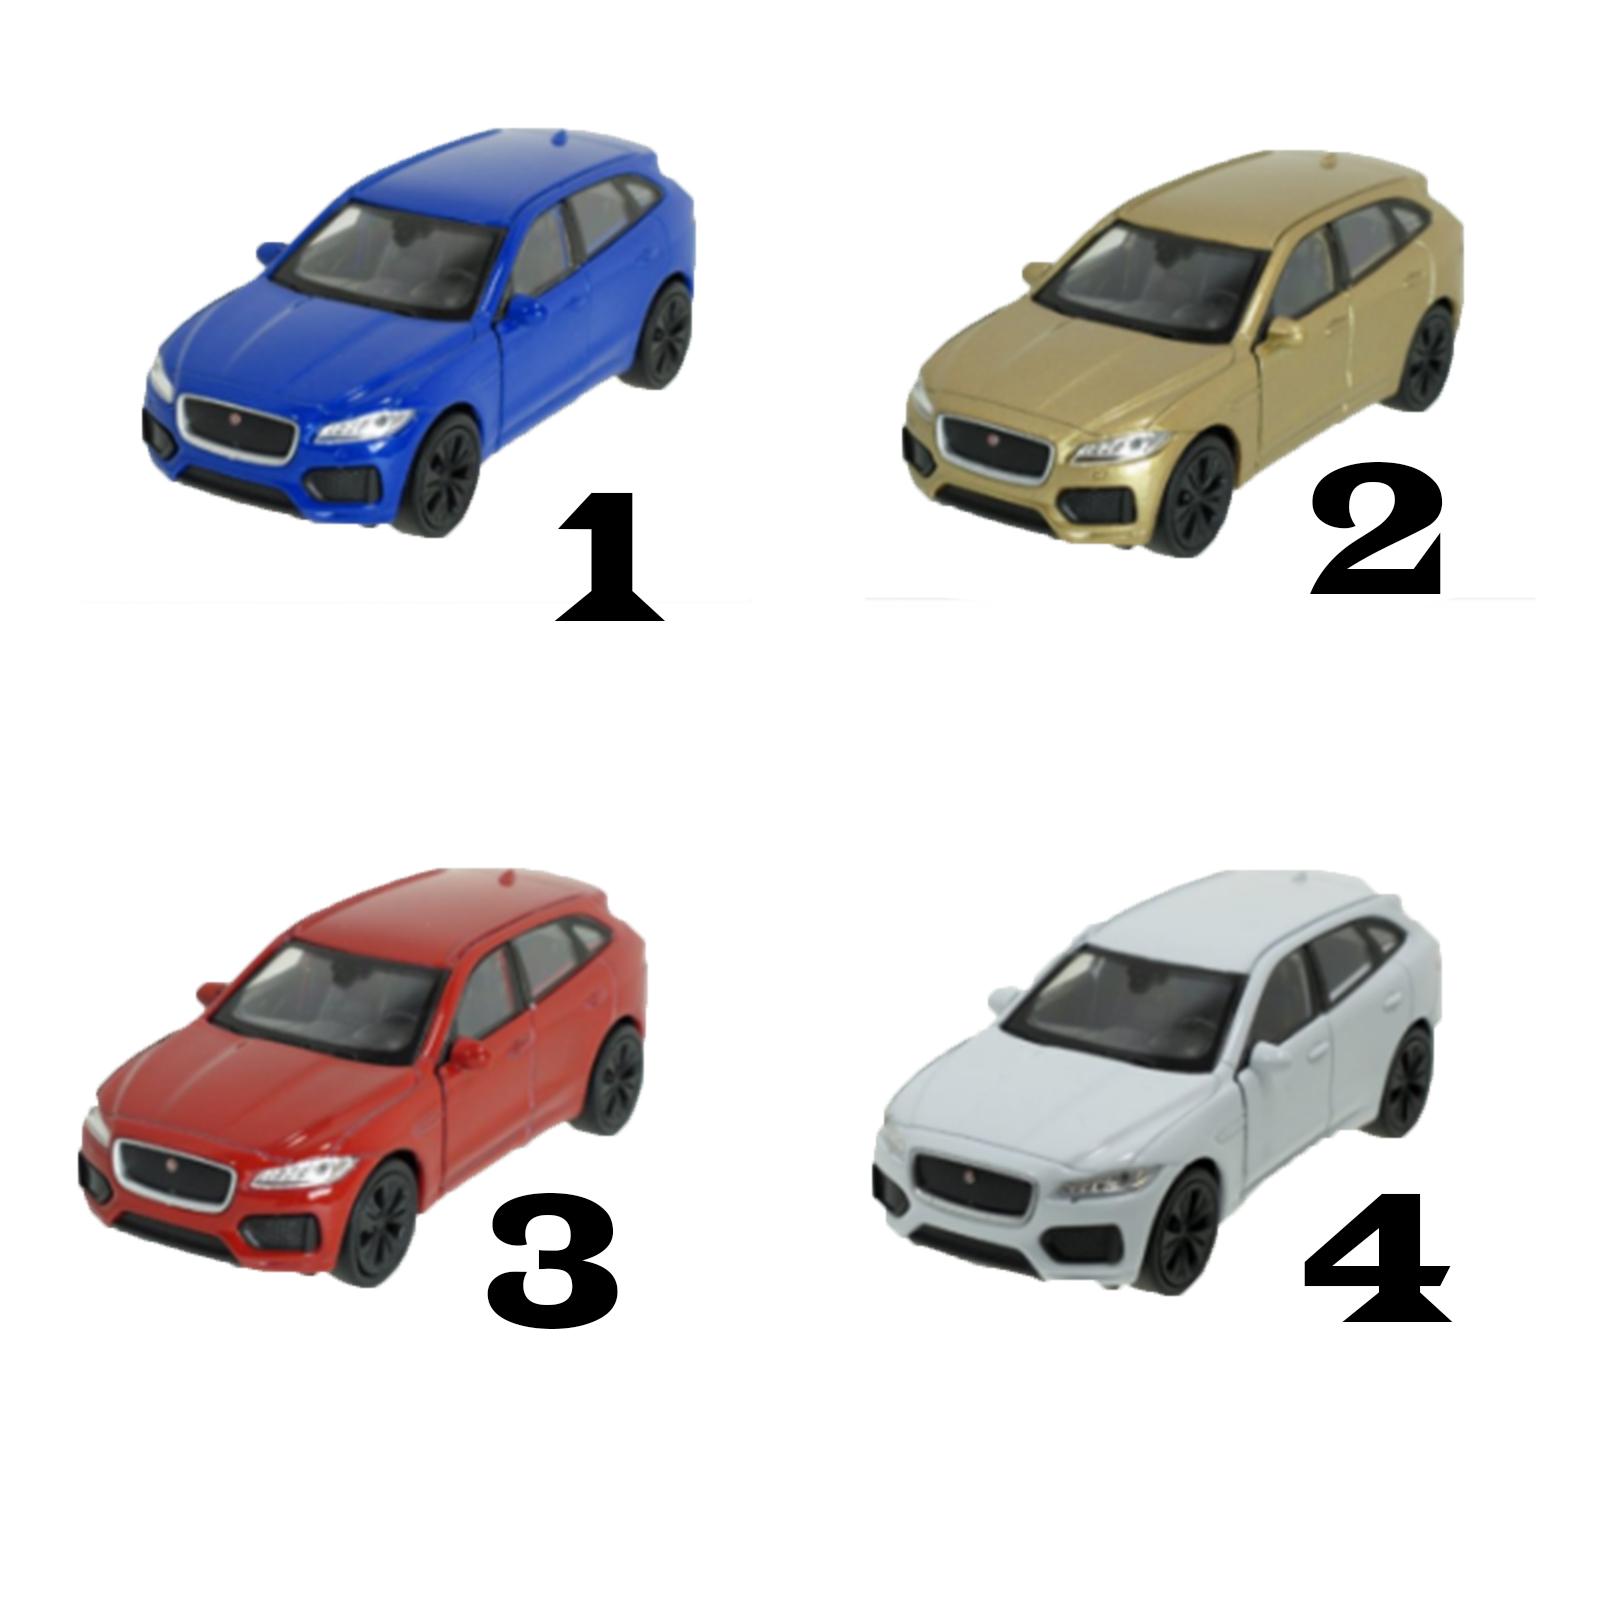 Игрушечная модель машины - Jaguar F-Pace, 1:34-39JAGUAR<br>Игрушечная модель машины - Jaguar F-Pace, 1:34-39<br>